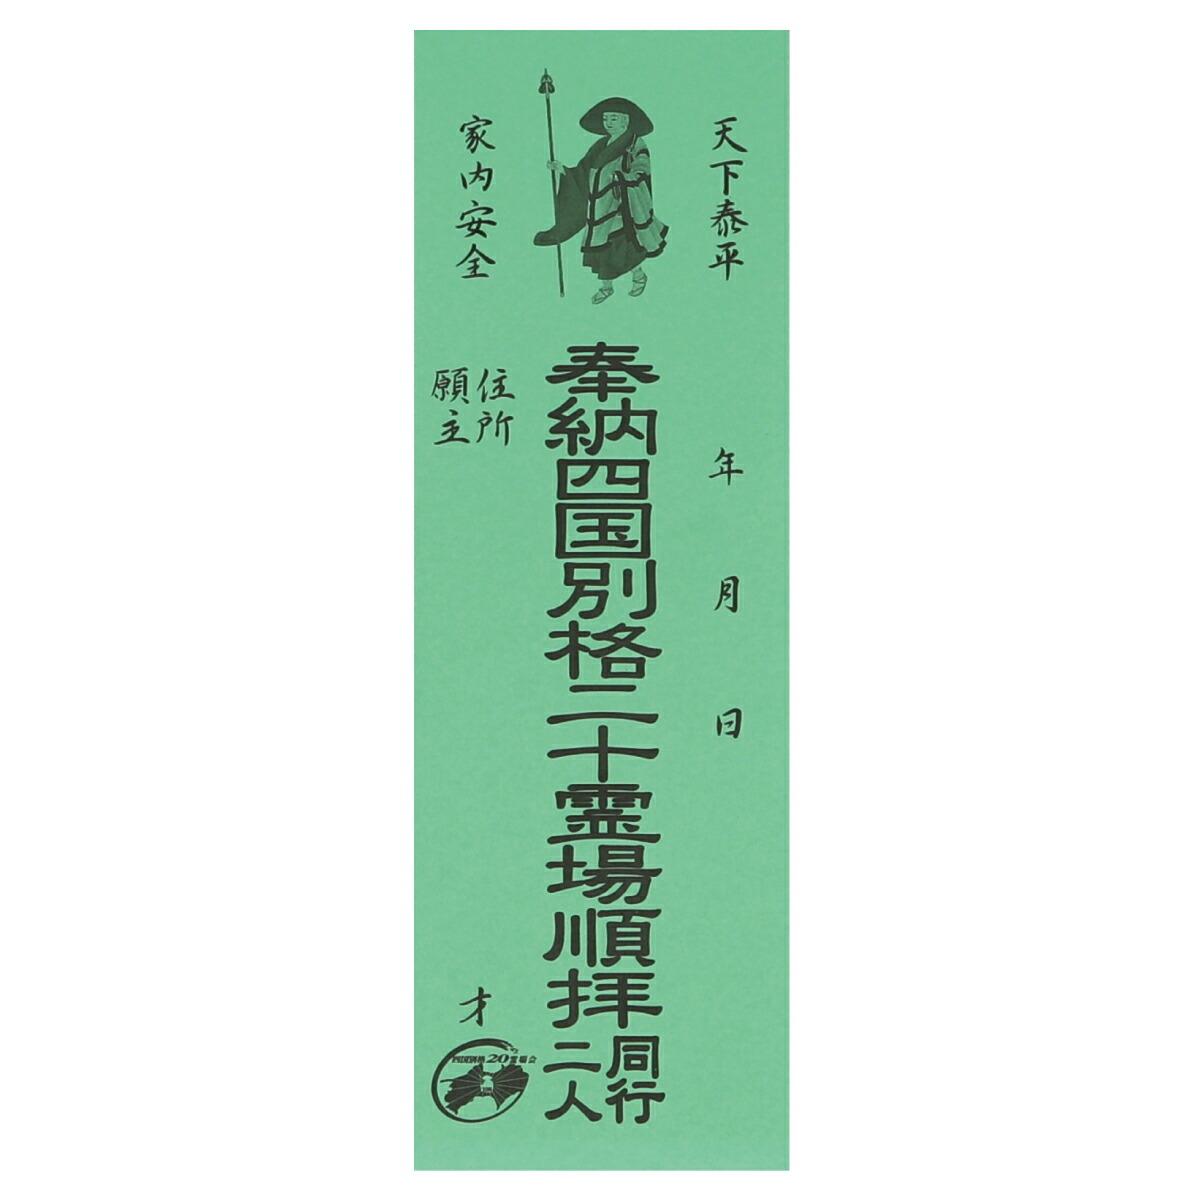 納札四国別格二十ヶ所緑色